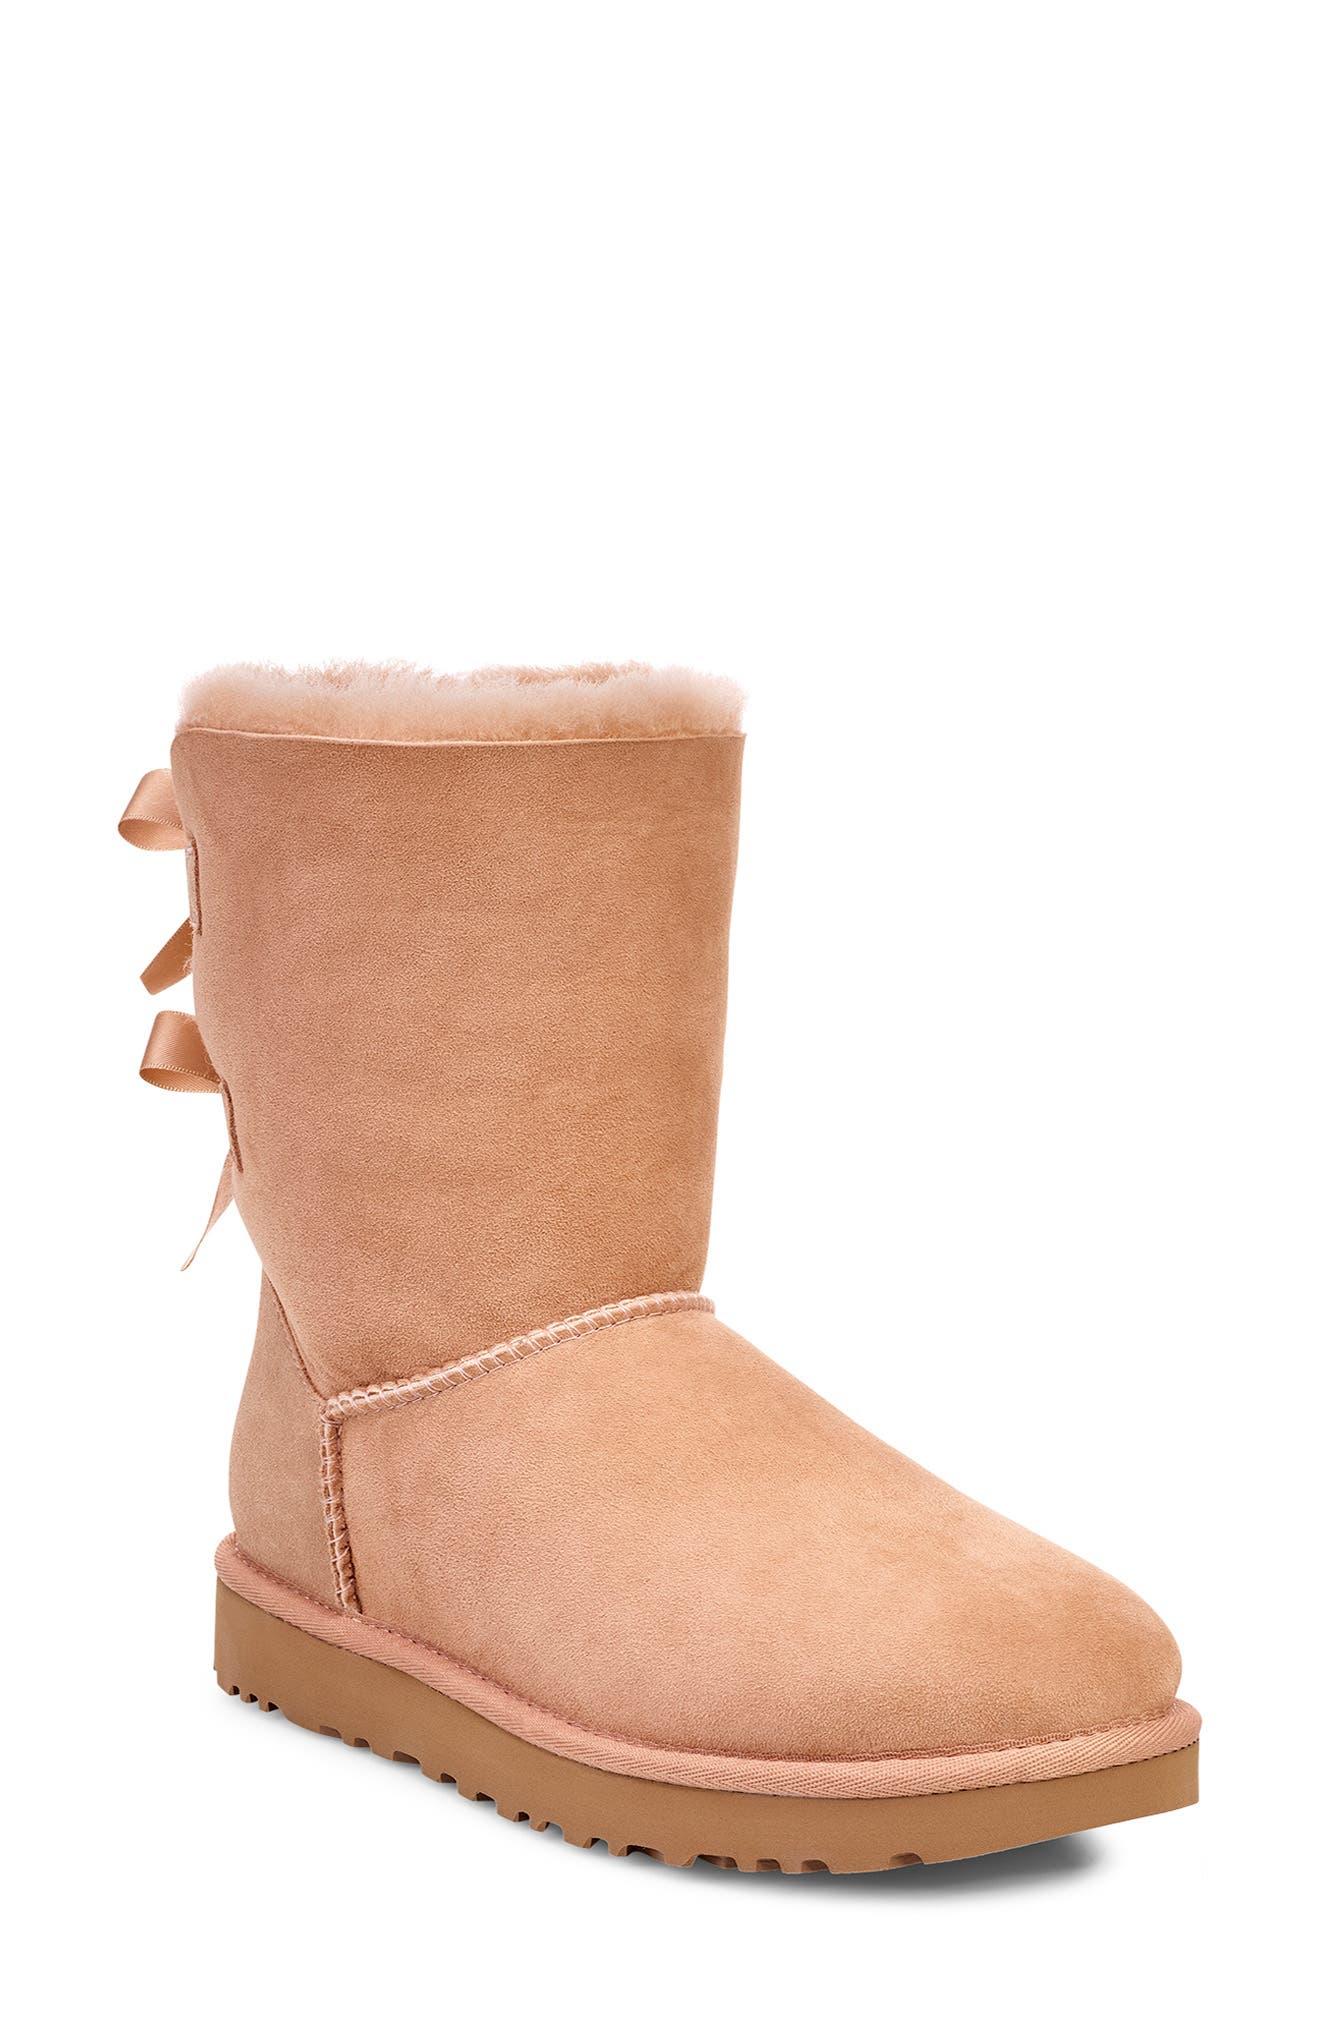 'Bailey Bow II' Boot,                         Main,                         color, ARROYO SUEDE